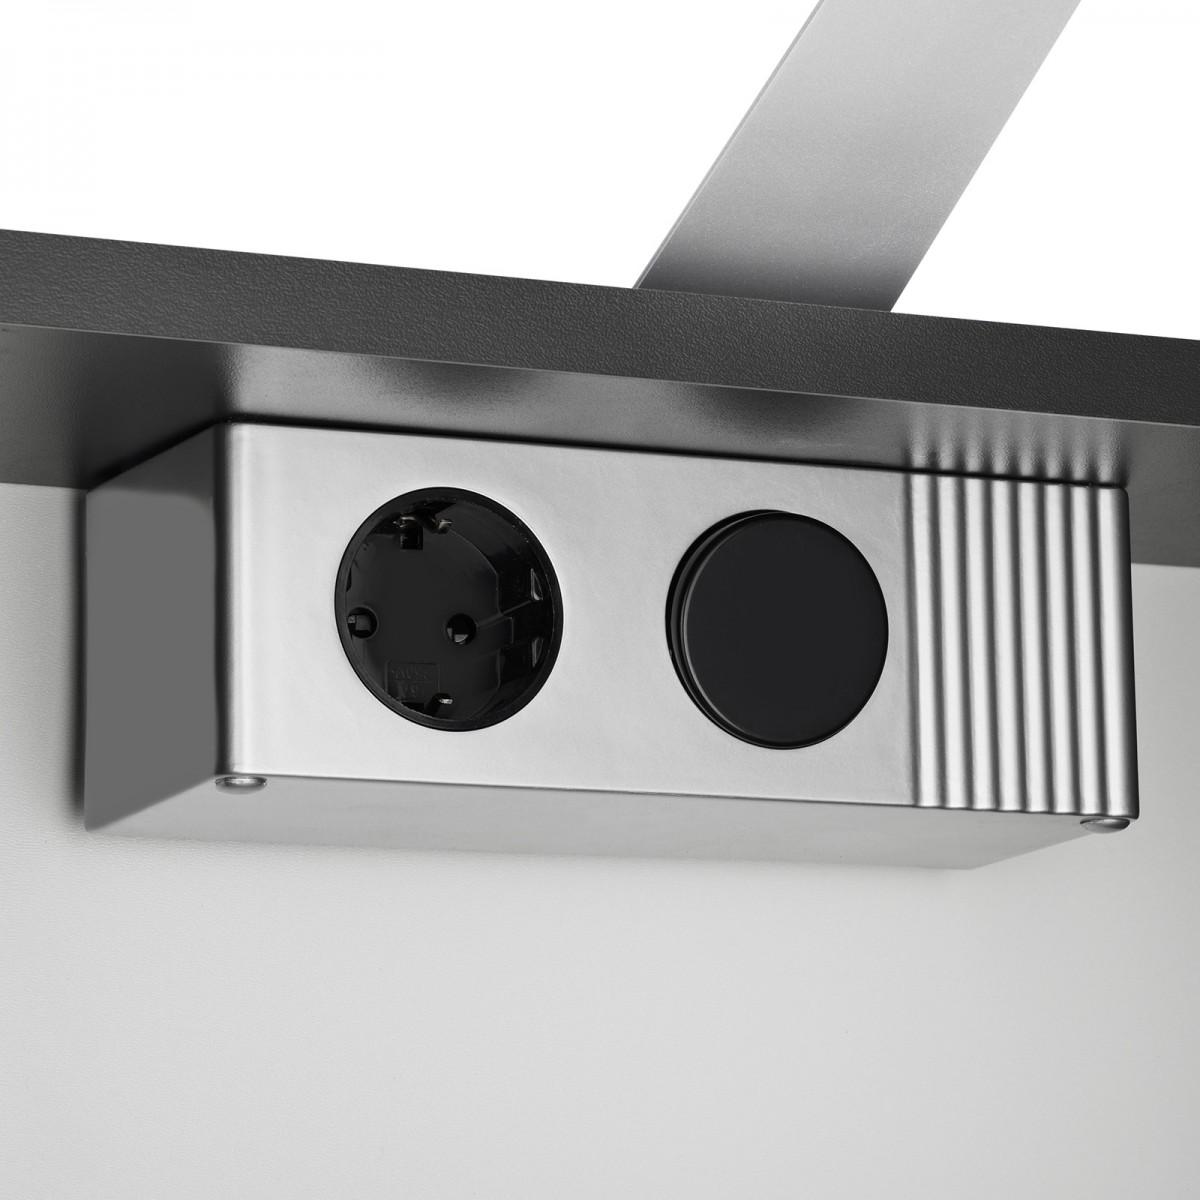 Spiegelschrank Elegance anthrazit mit LED Beleuchtung 70cm – Bild 5